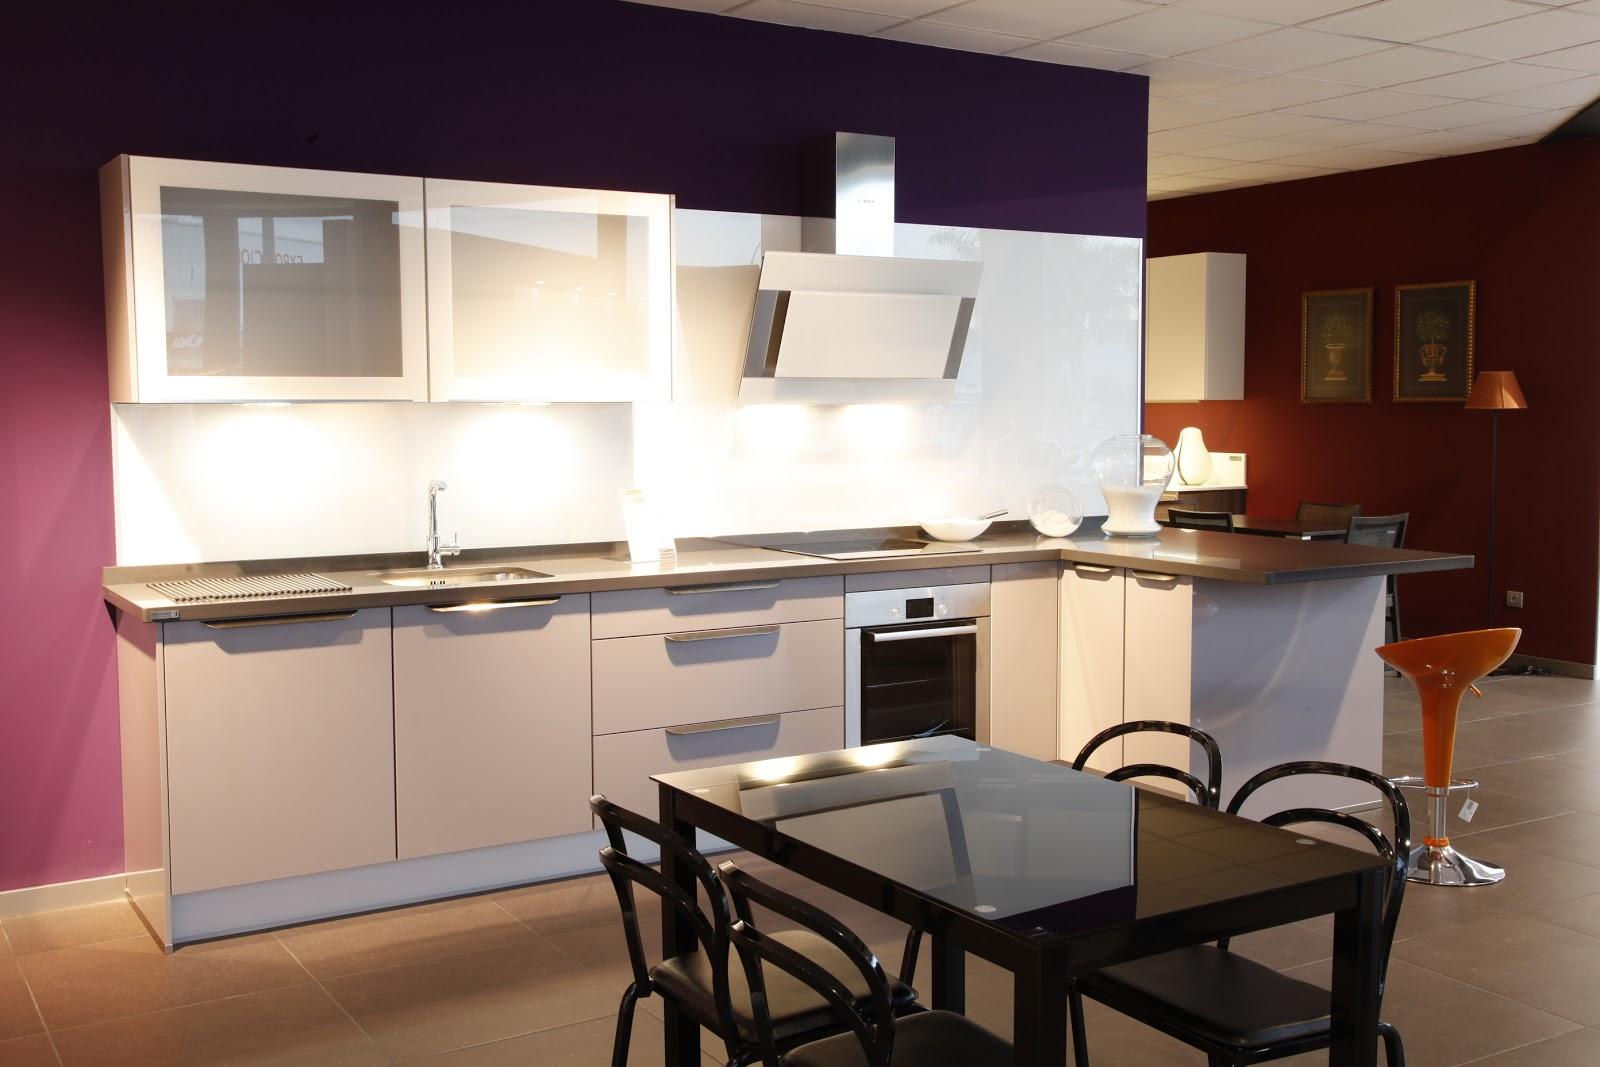 Chef cocinas gandia valencia renovacion total de - Muebles de cocina en valencia ...